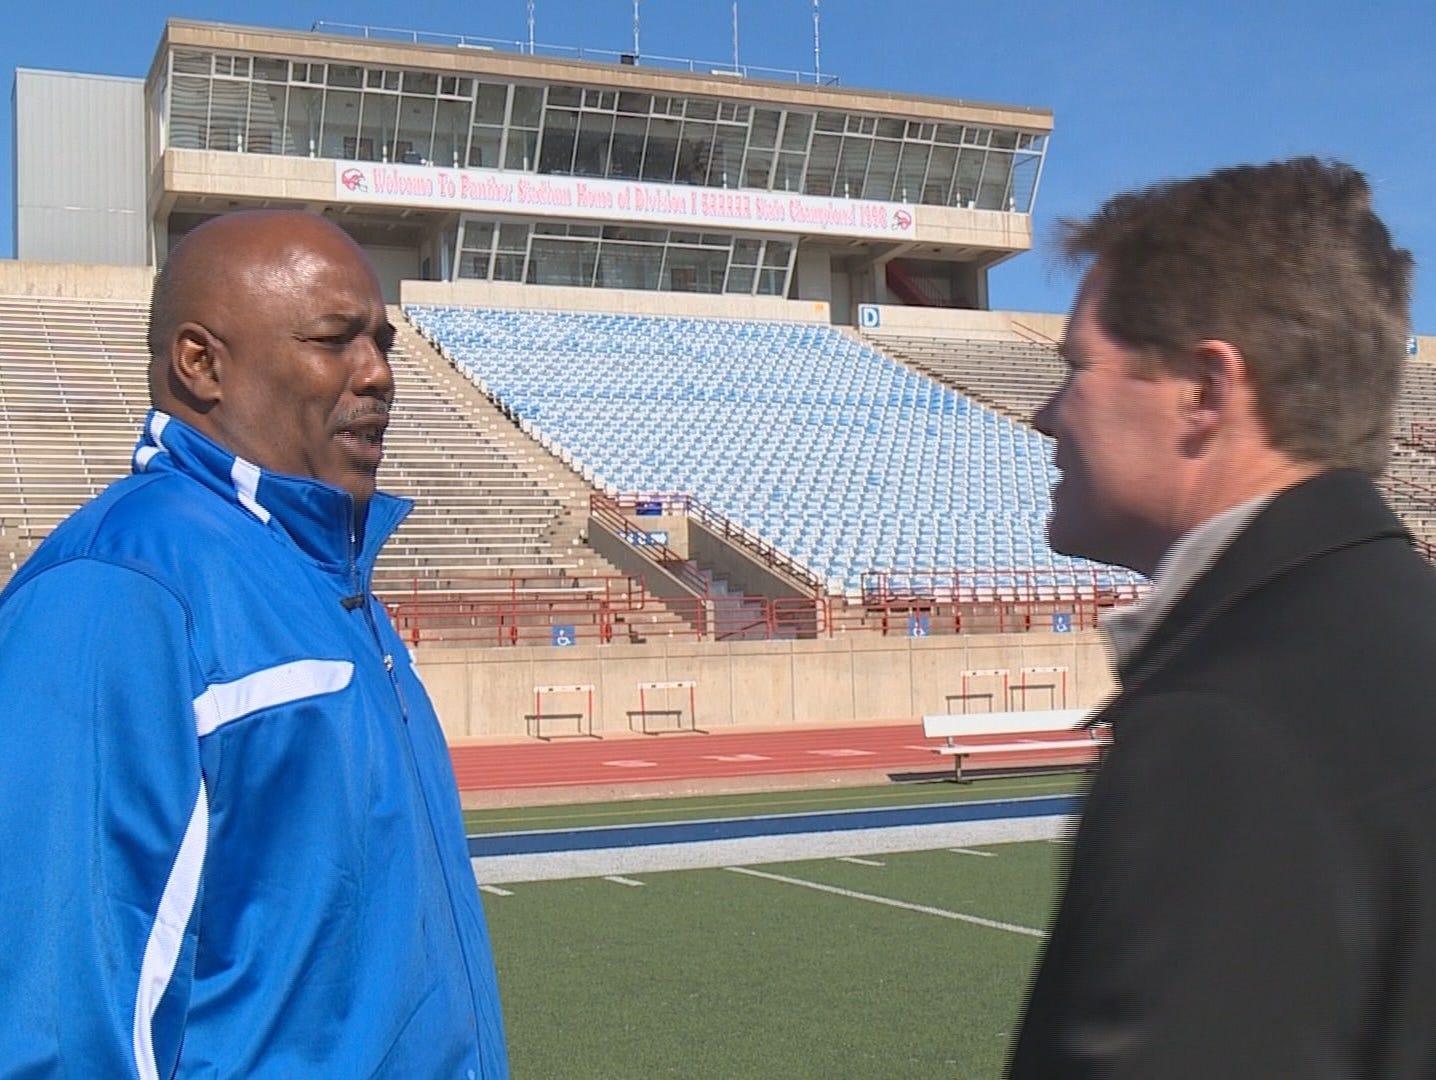 Duncanville's new head coach Reginald Samples